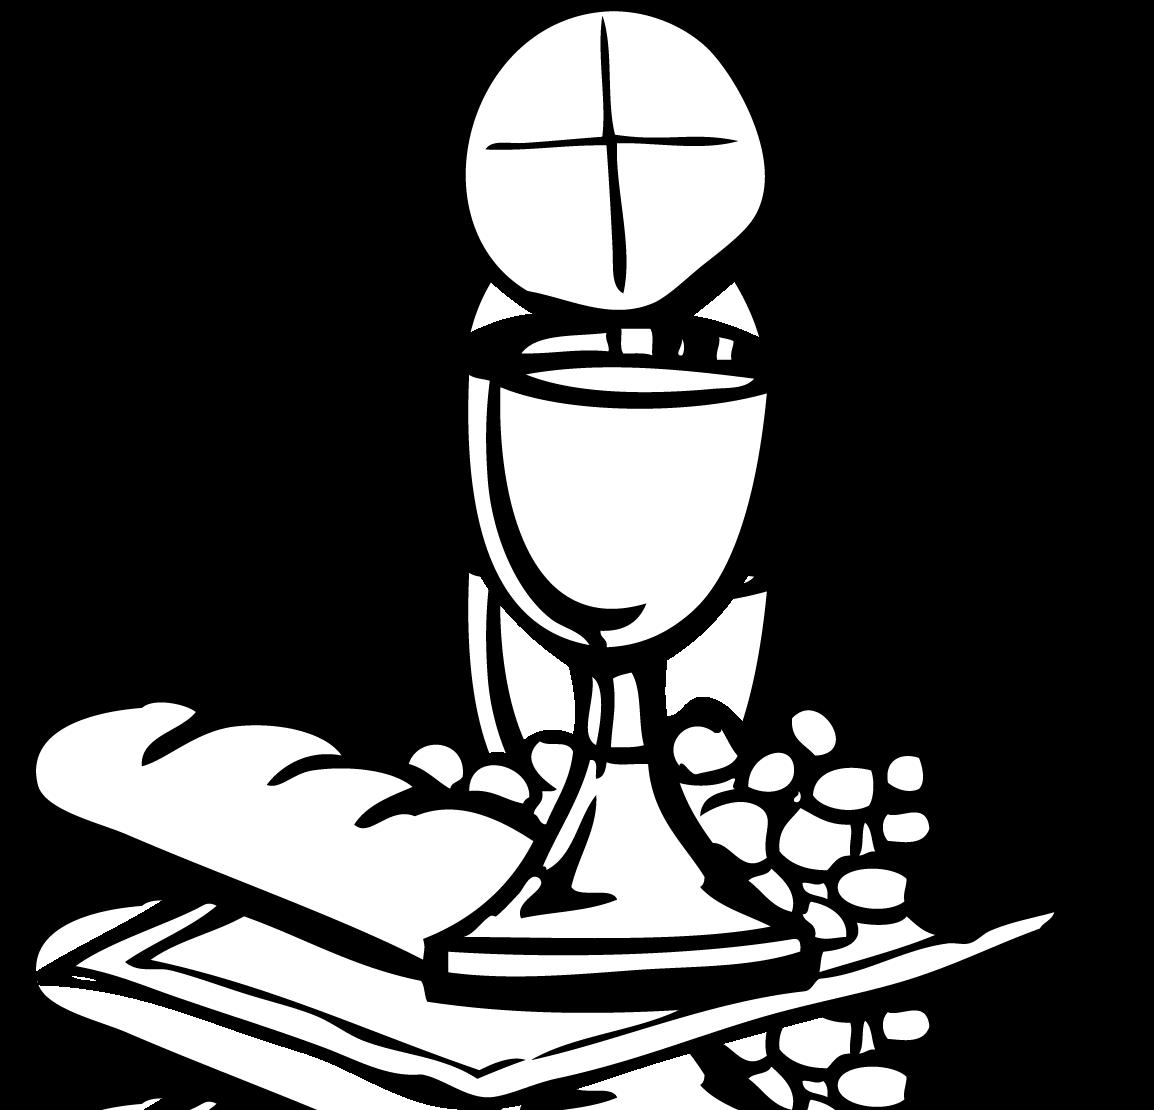 1154x1110 Communion Bread And Wine Clipart